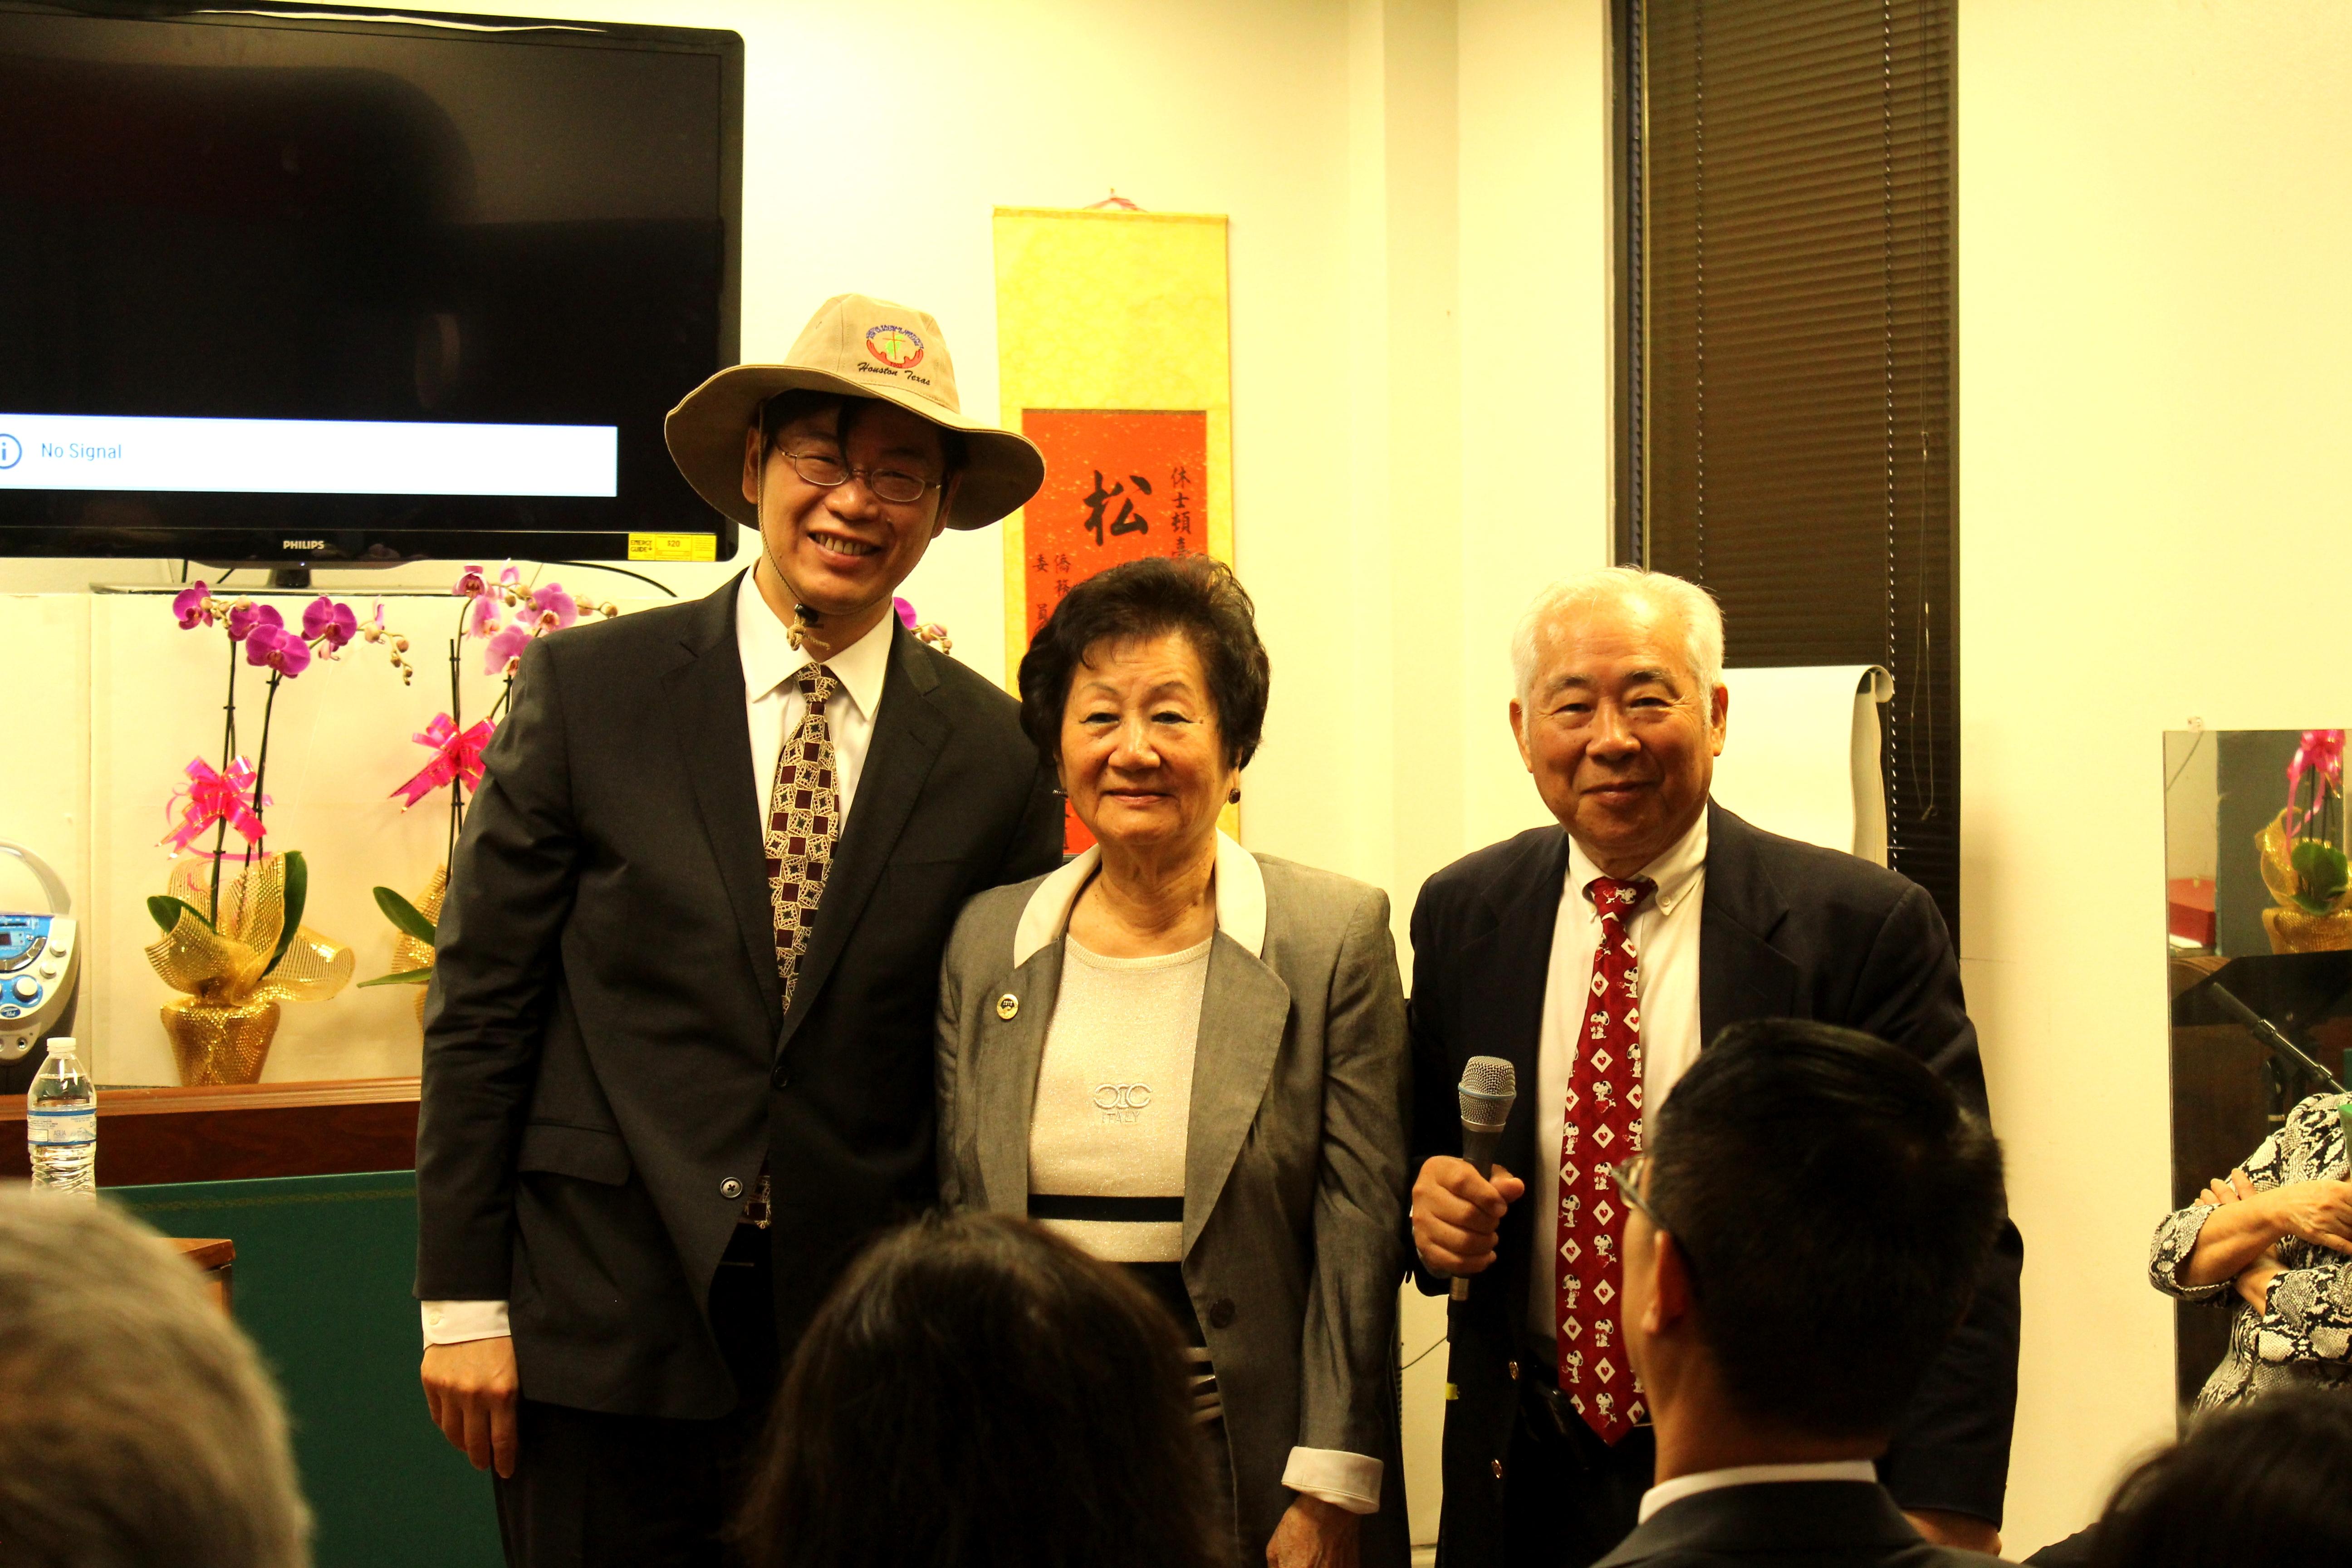 李君浩(左)、副董事長王貞慧(中)和許勝弘合影。(記者盧淑君/攝影)